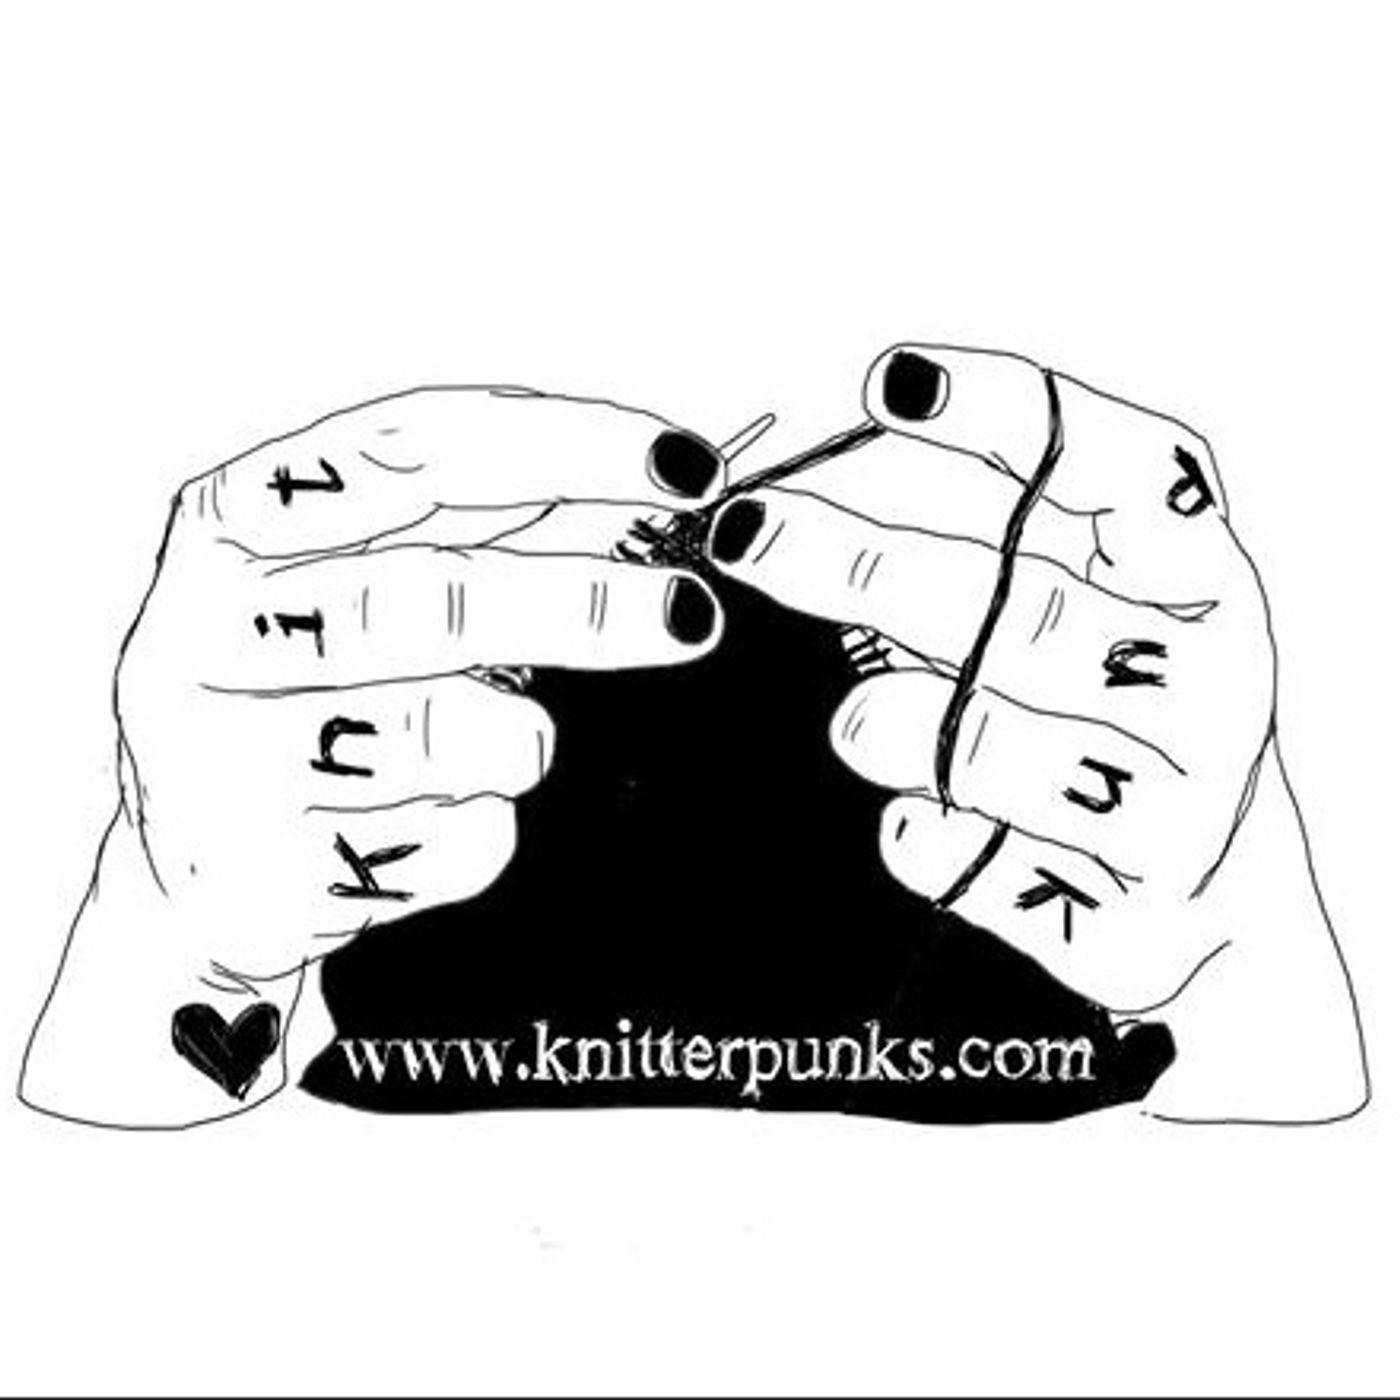 Knitter Punks